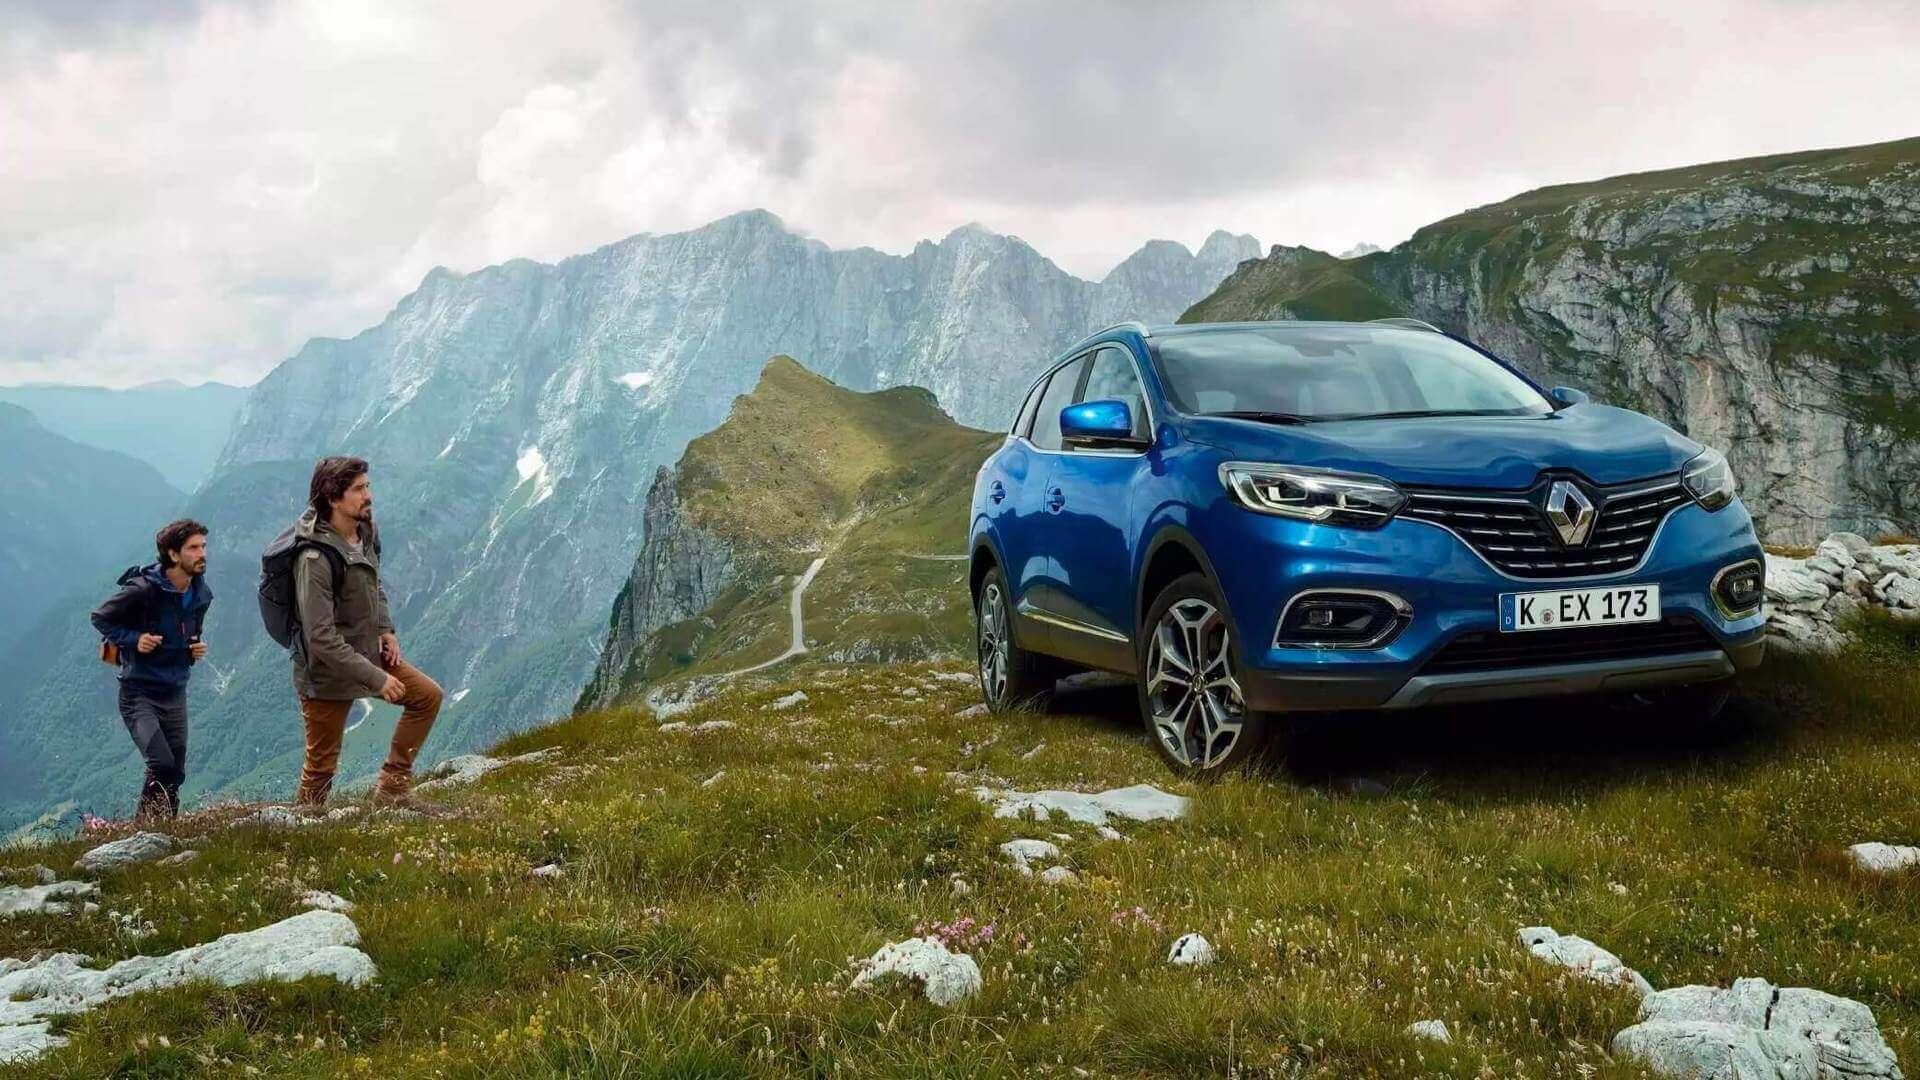 Frontansicht vom blauen Auto - Auto steht auf einem Berg - Menschen Wandern - Renault Kadjar - Renault Ahrens Hannover